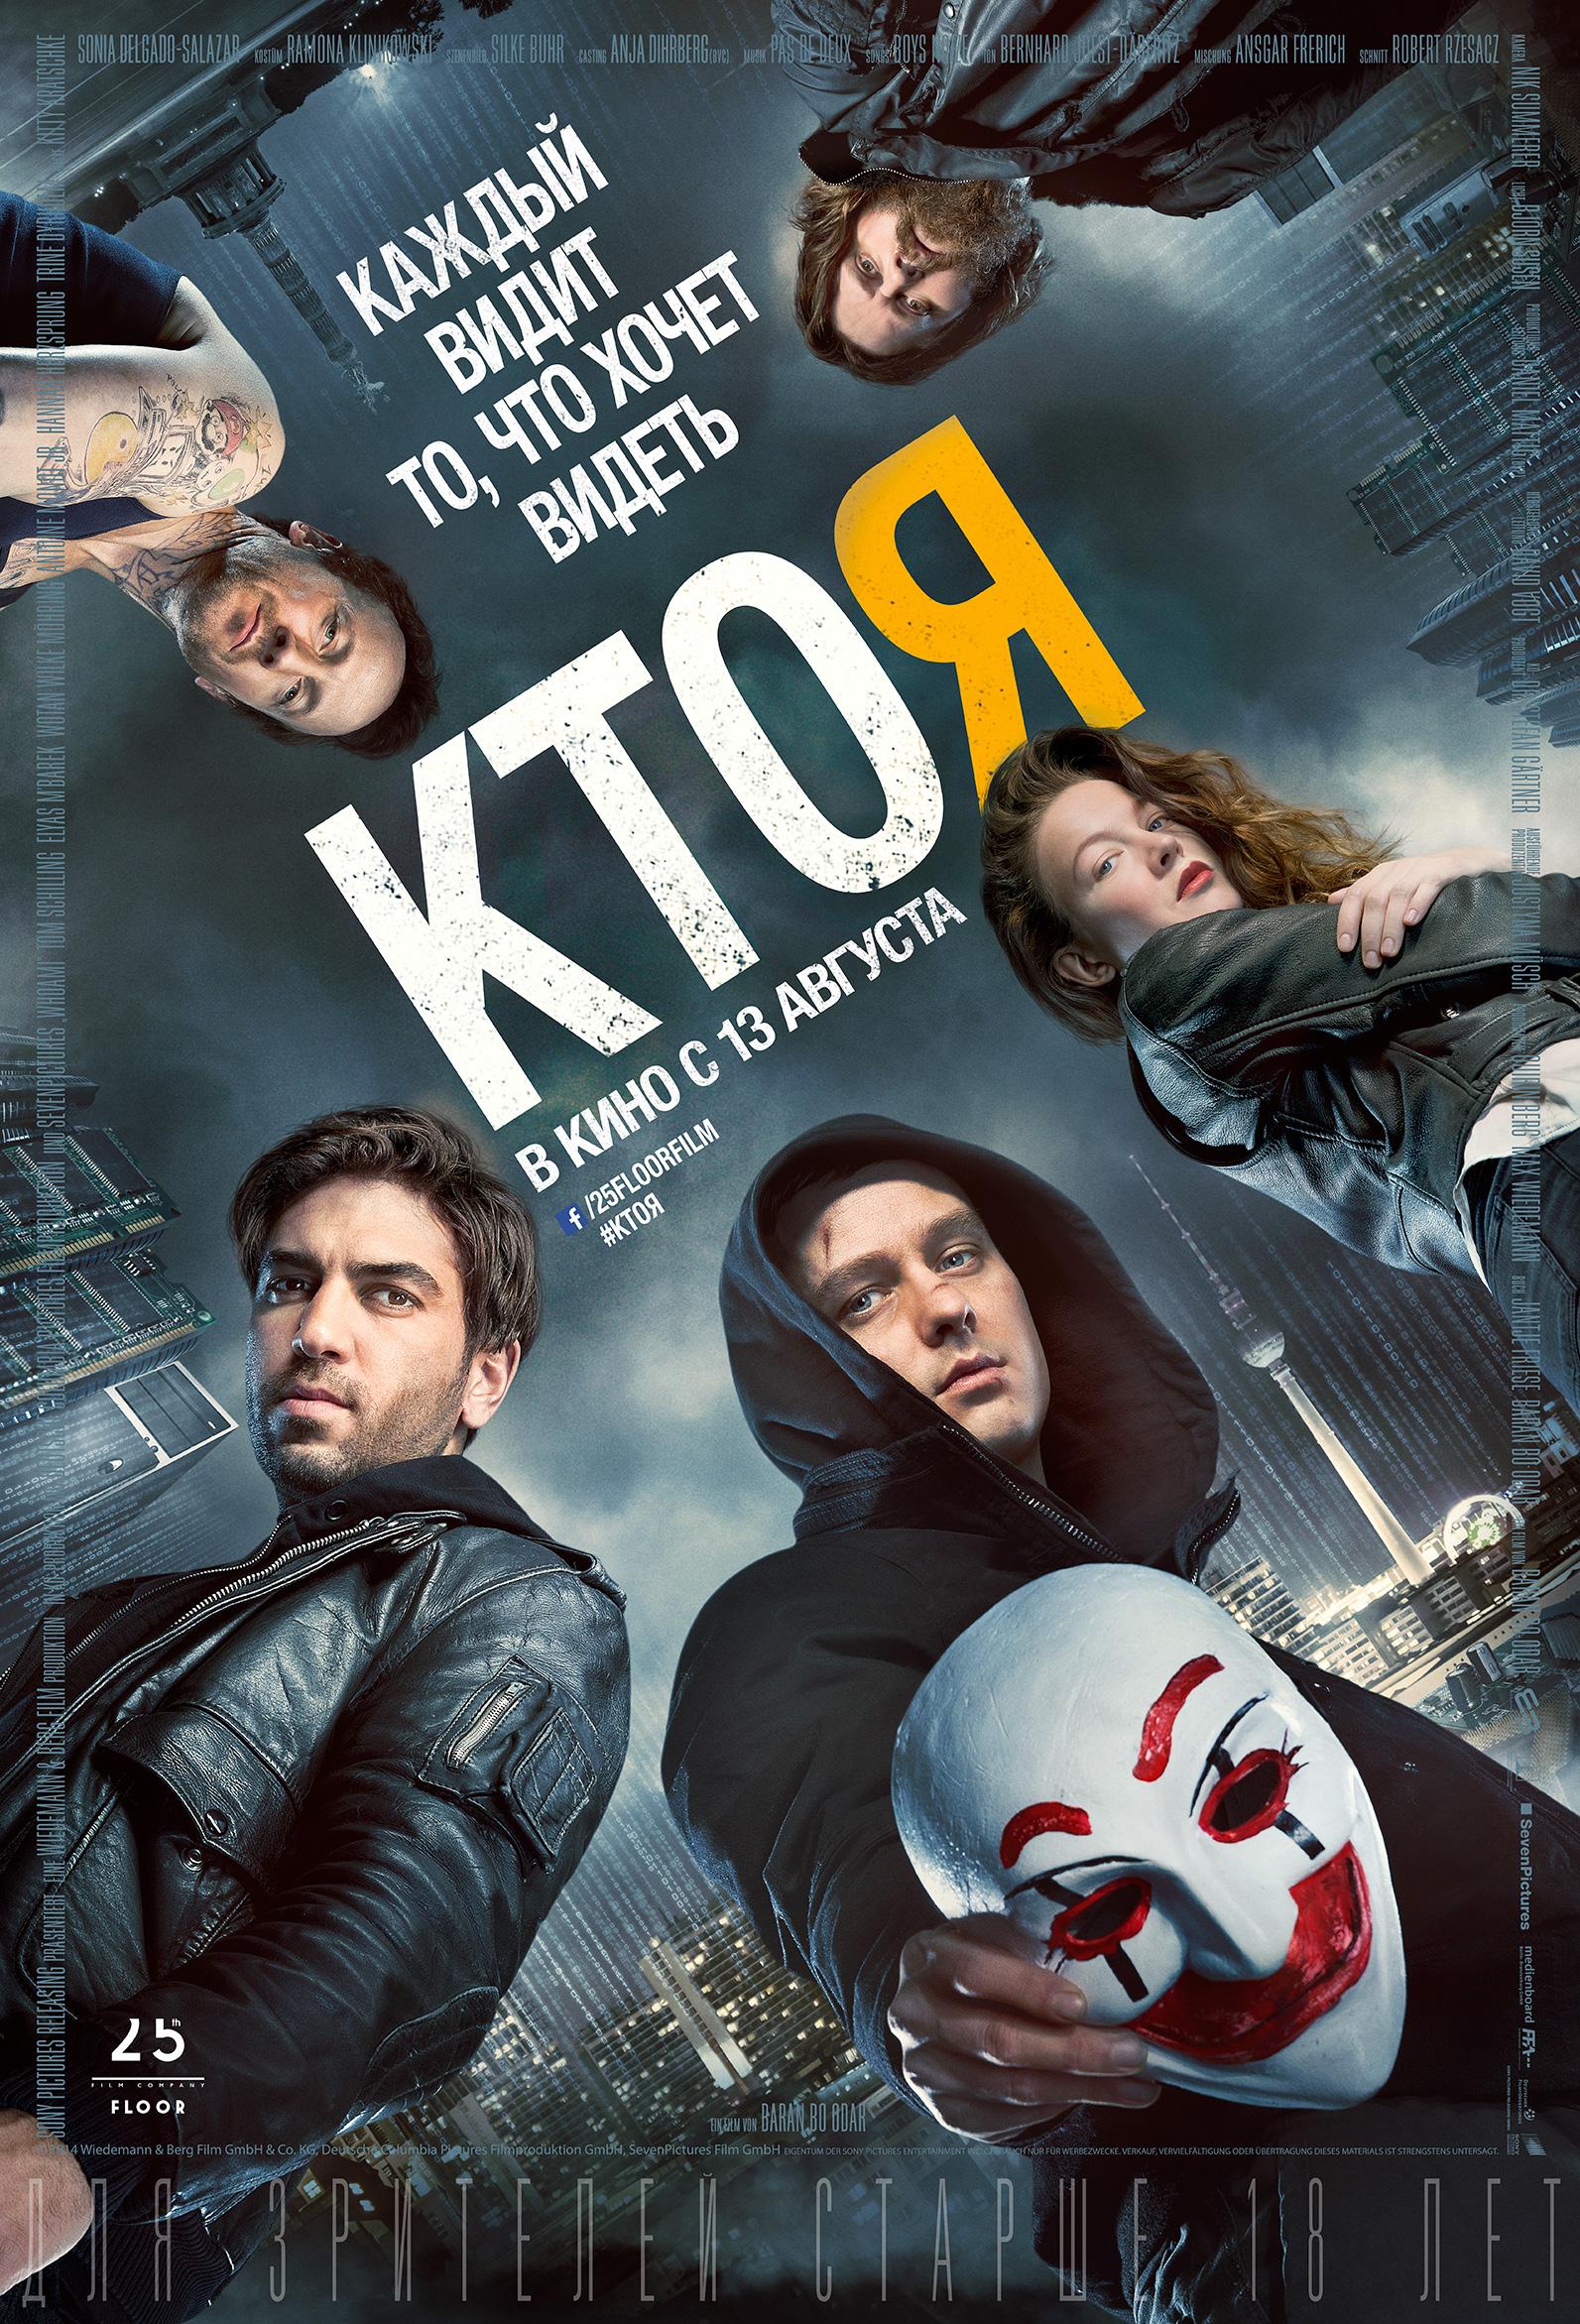 Смотреть фильмы скачать бесплатно в хорошем качестве новинки2011